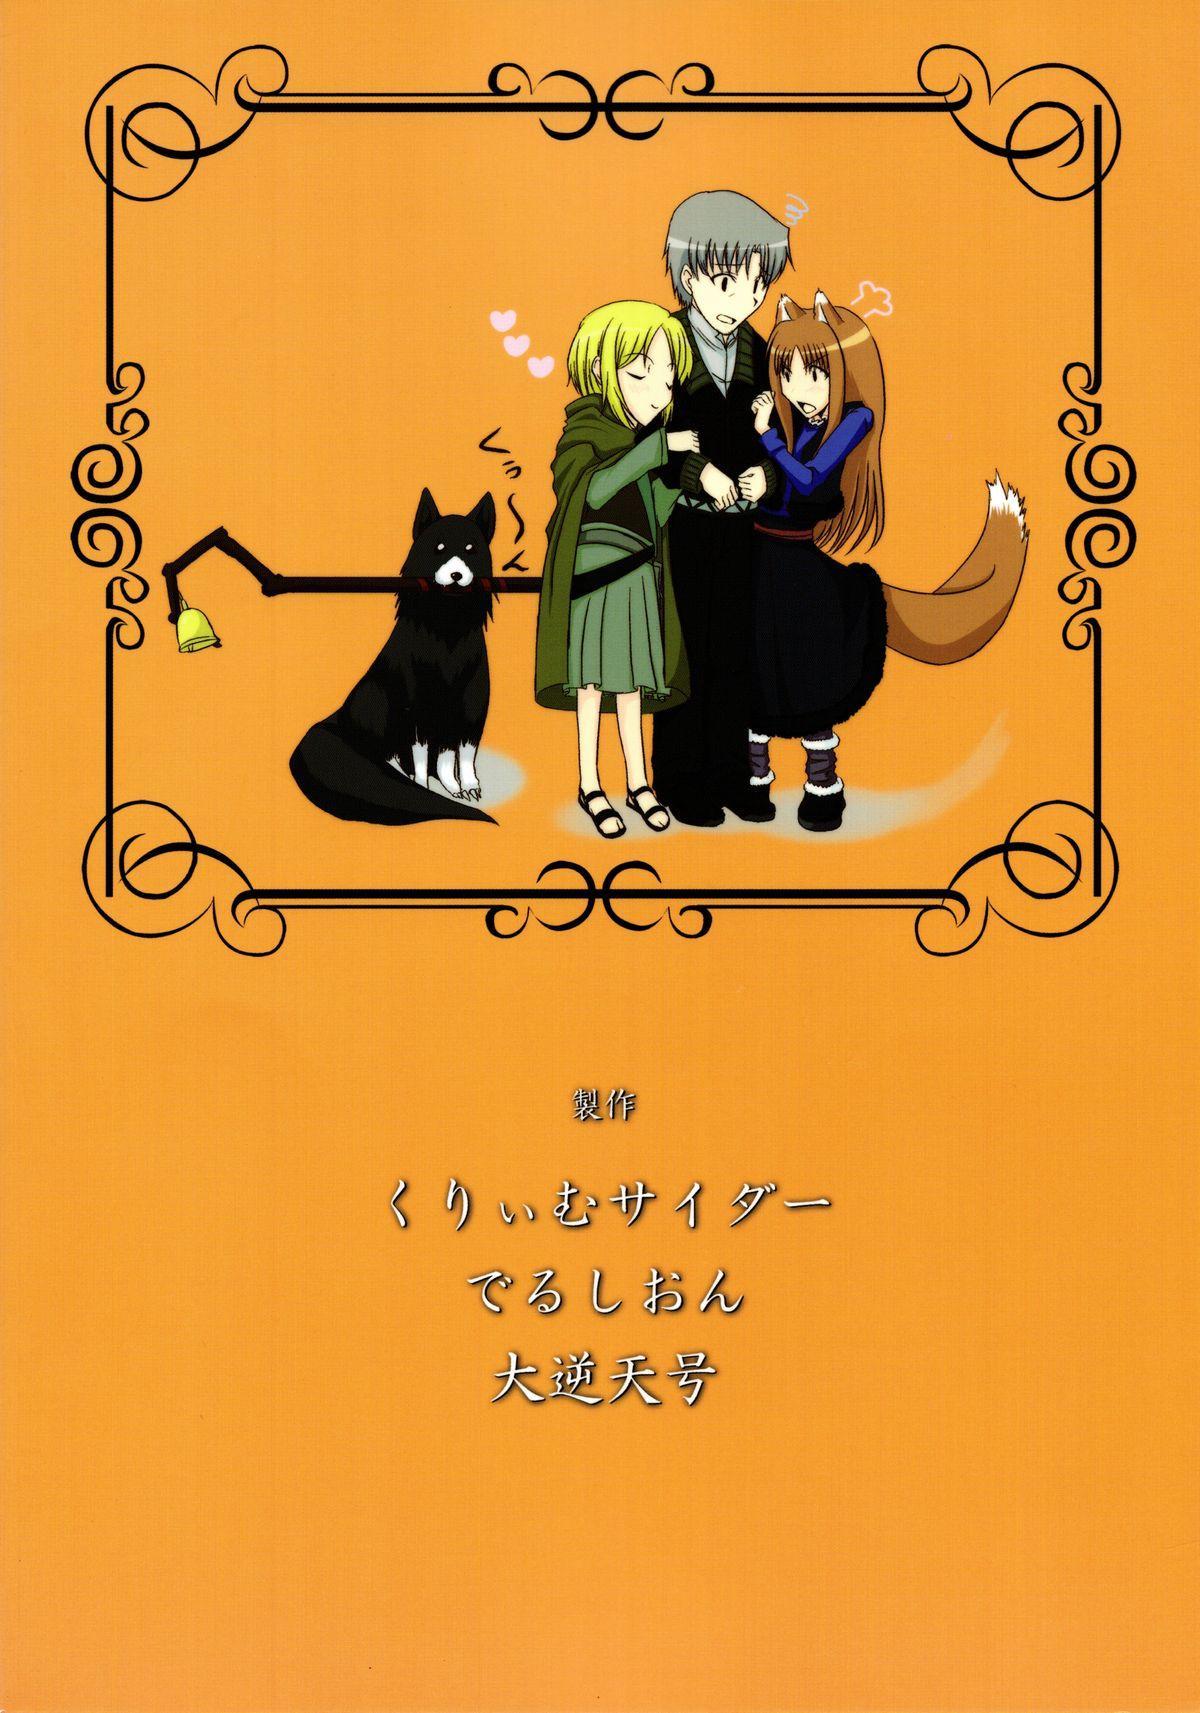 Ookami to Ringo no Hachimitsuzuke 1